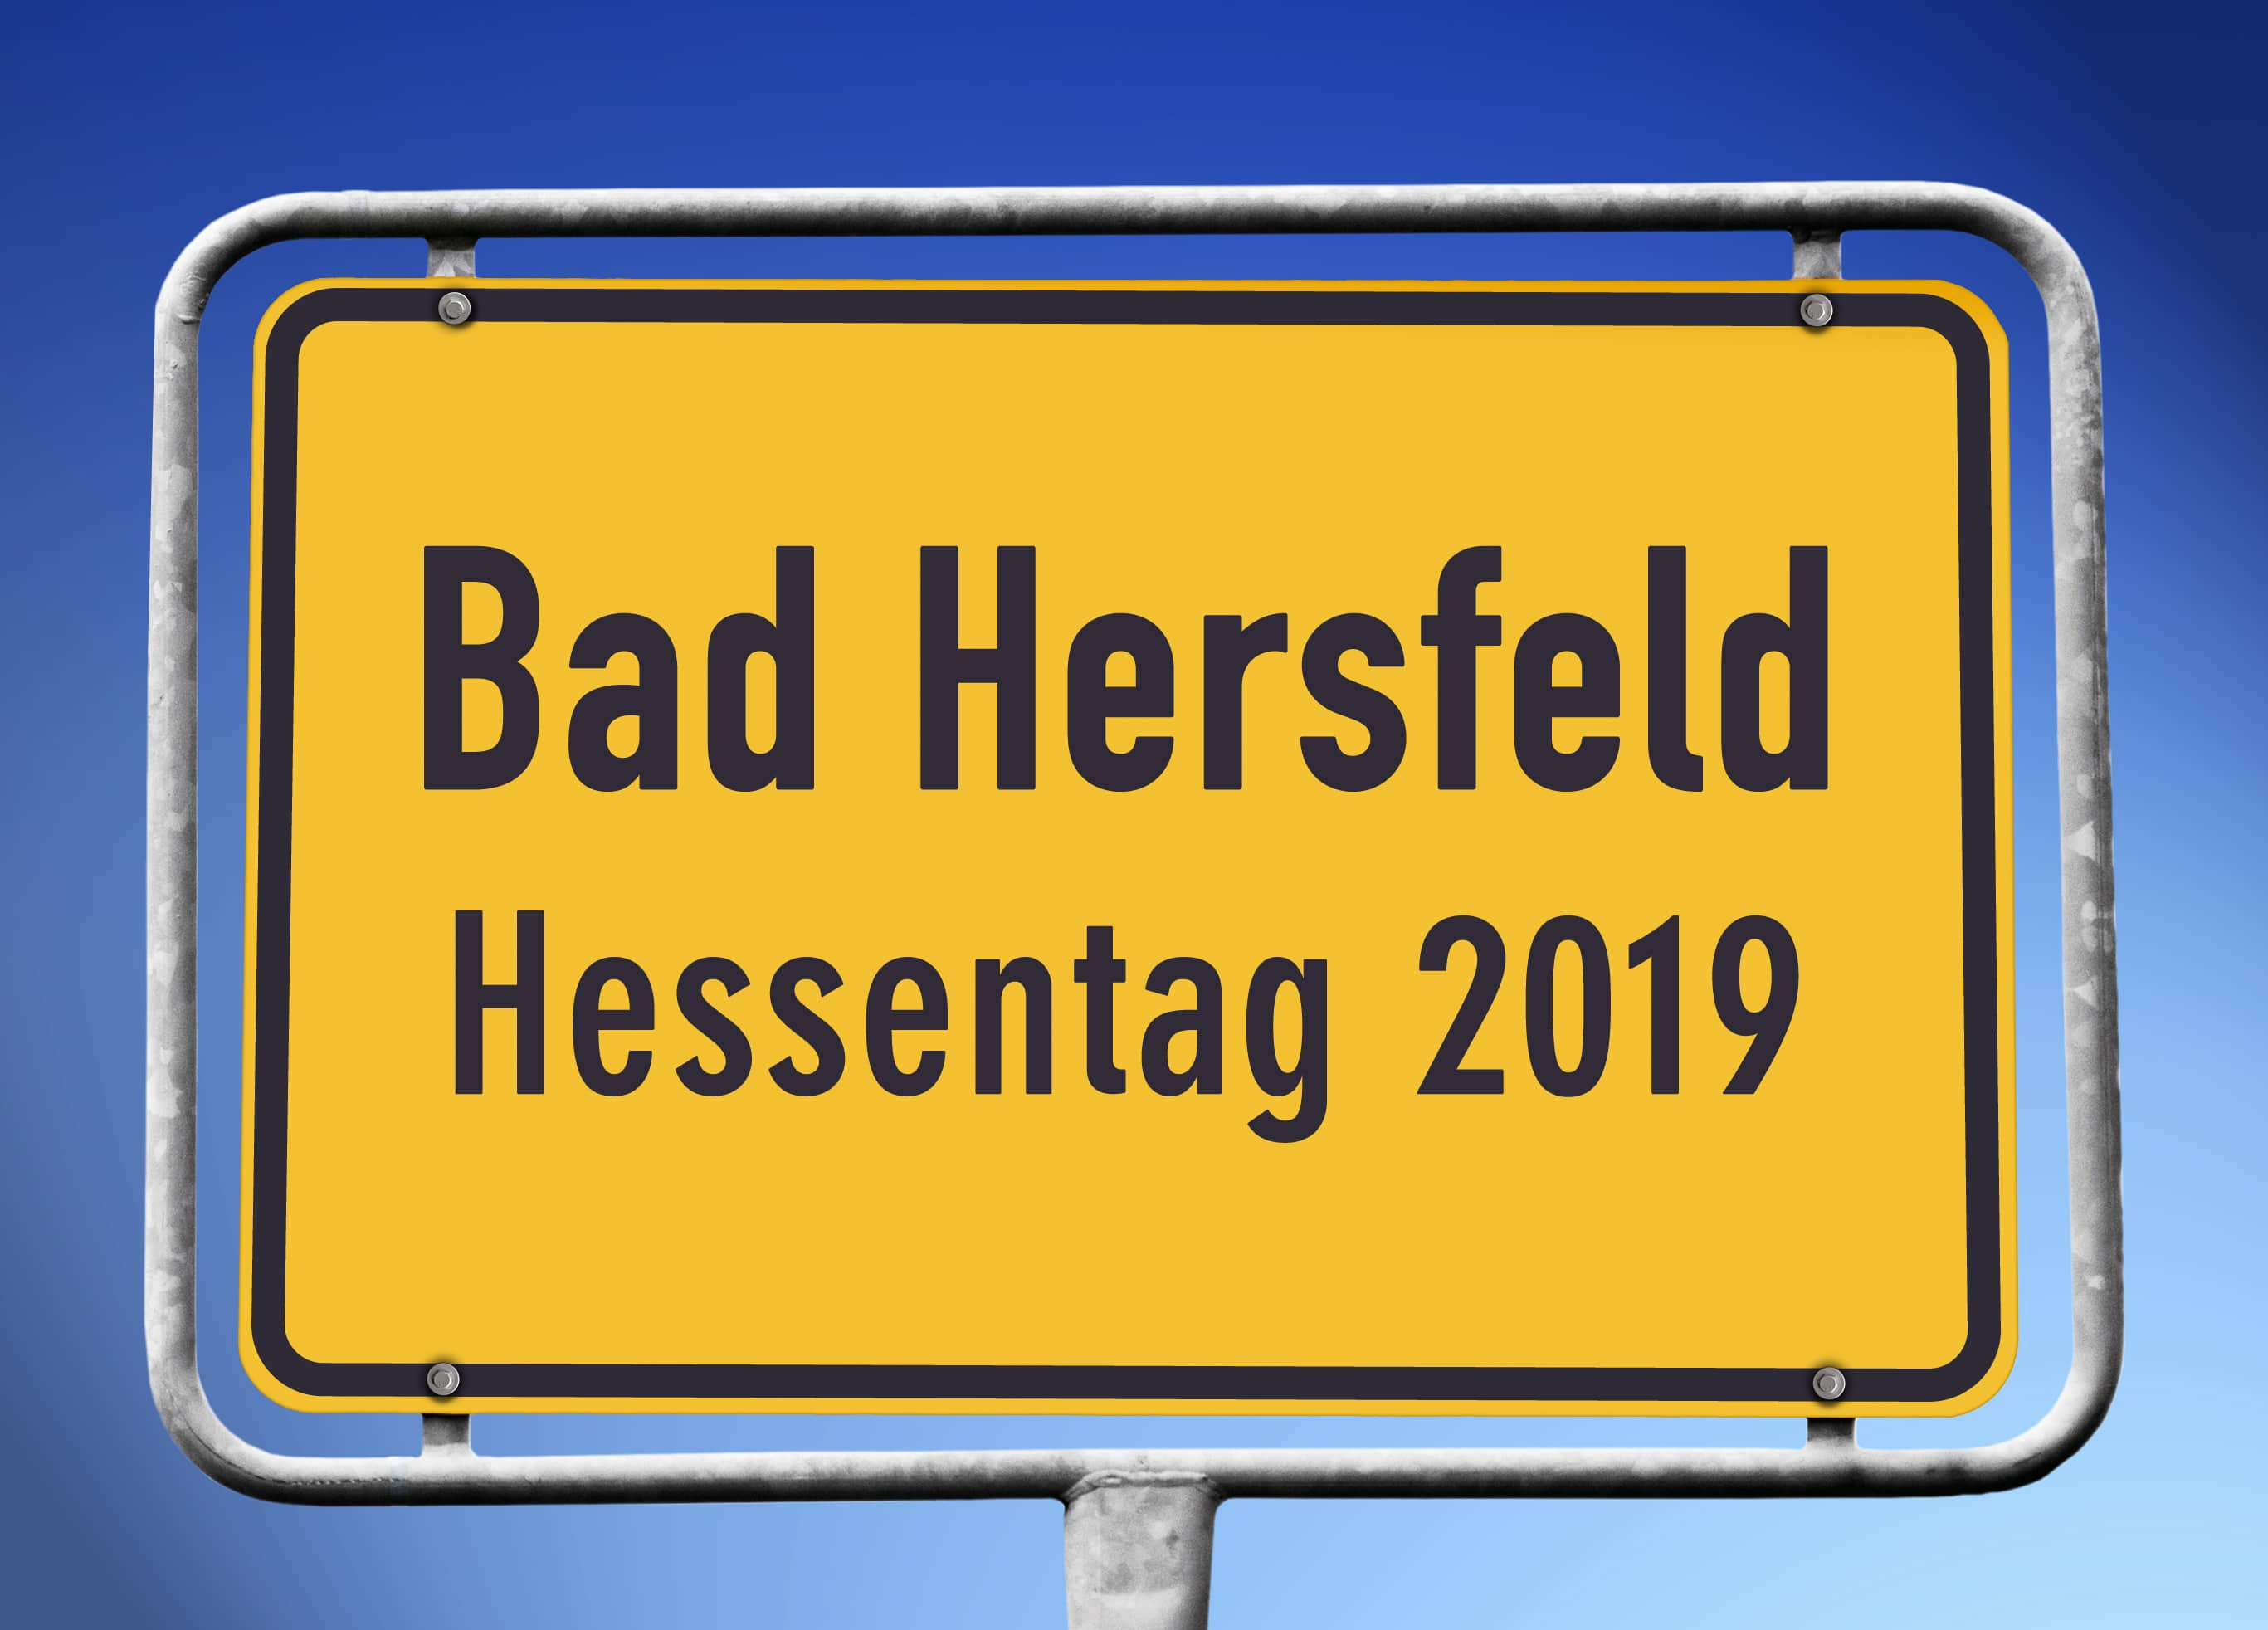 Hessentag 2019 mit Rocketramp!